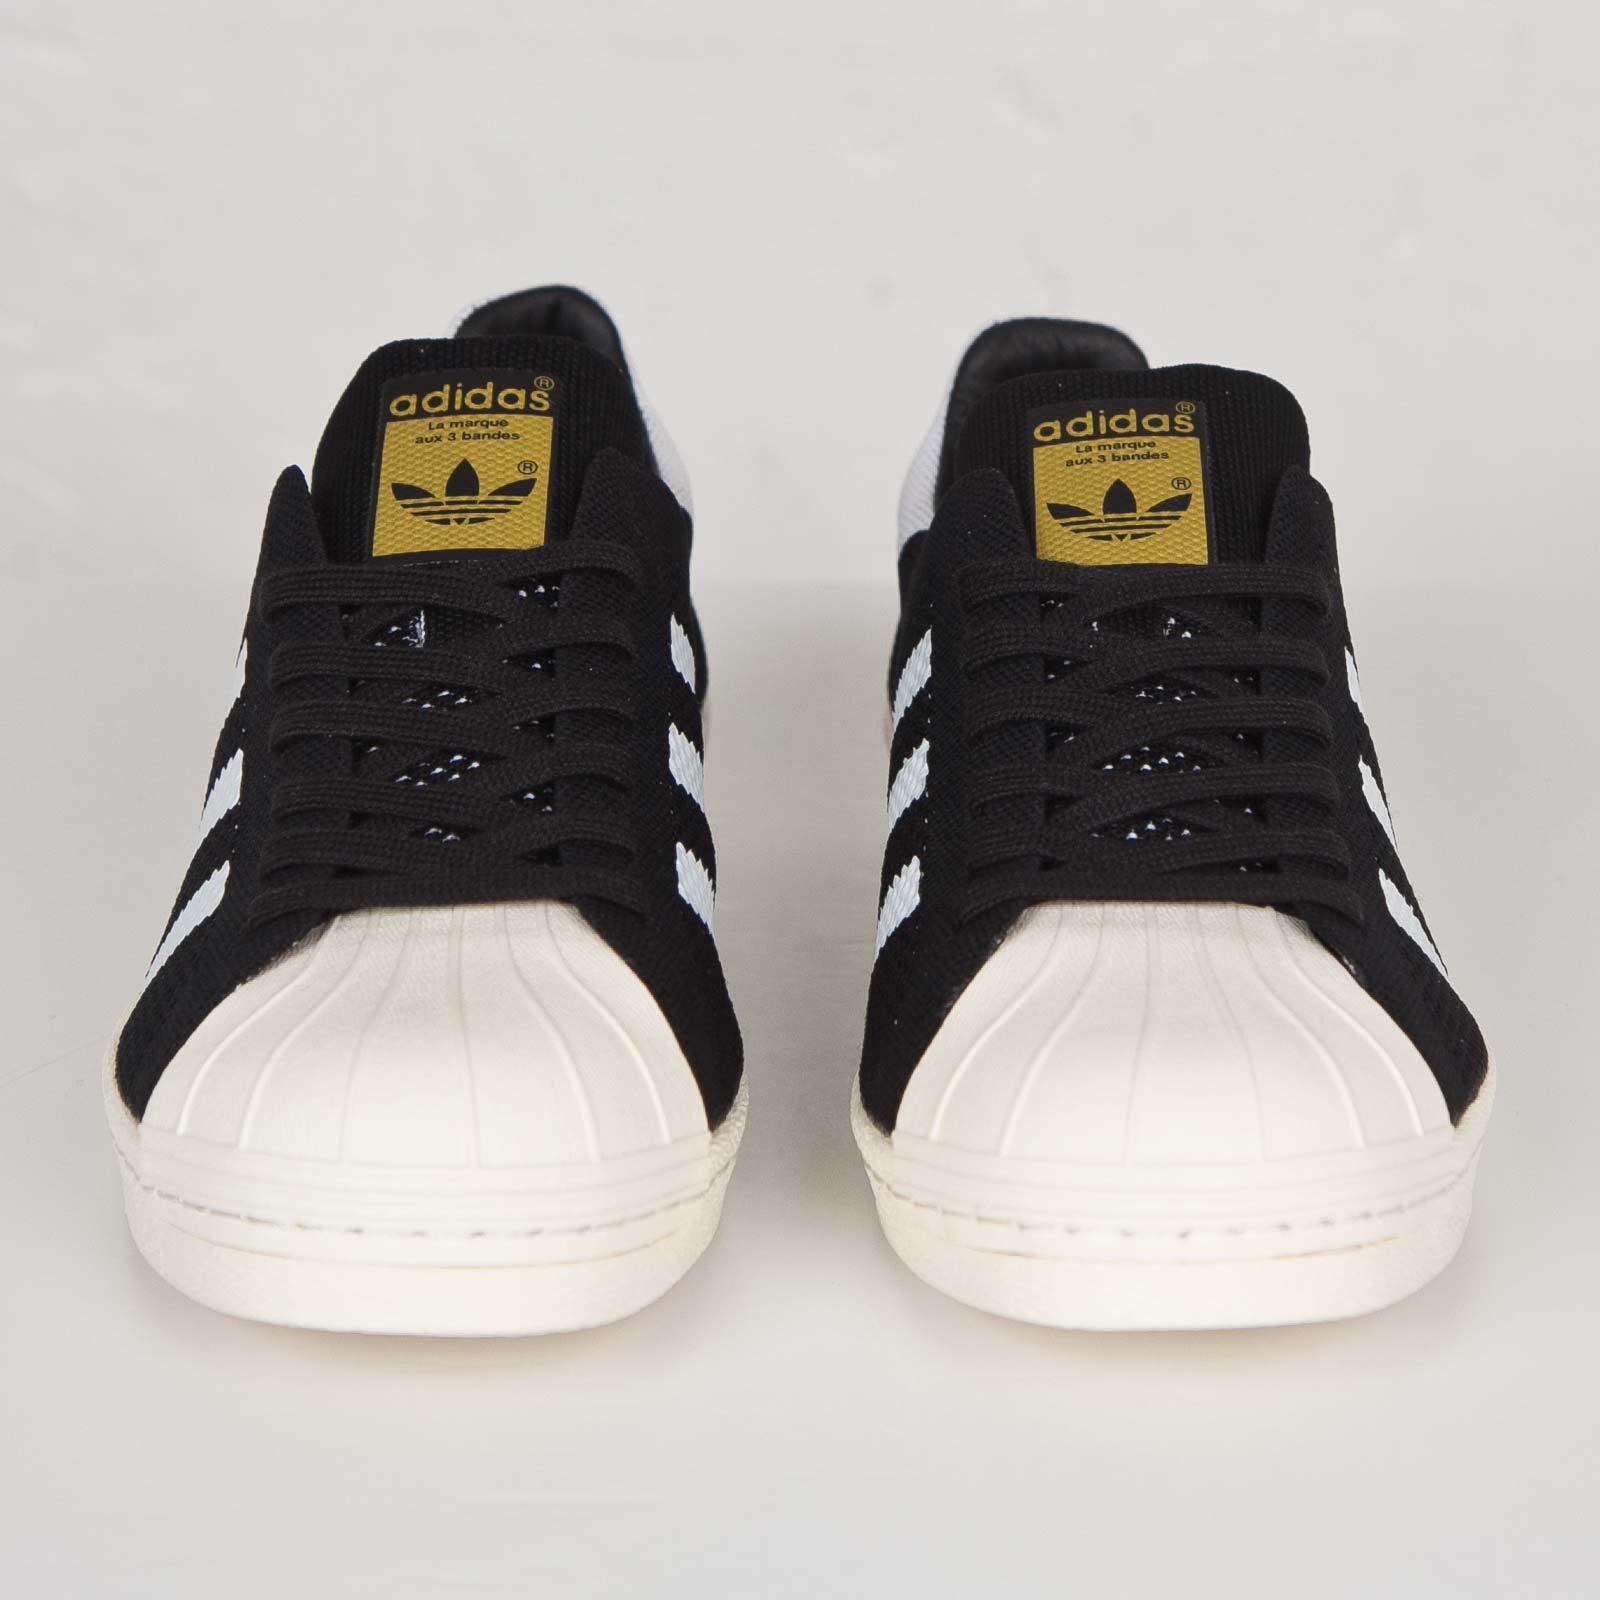 adidas Superstar 80s PK S77439 Sneakersnstuff I Sneakers